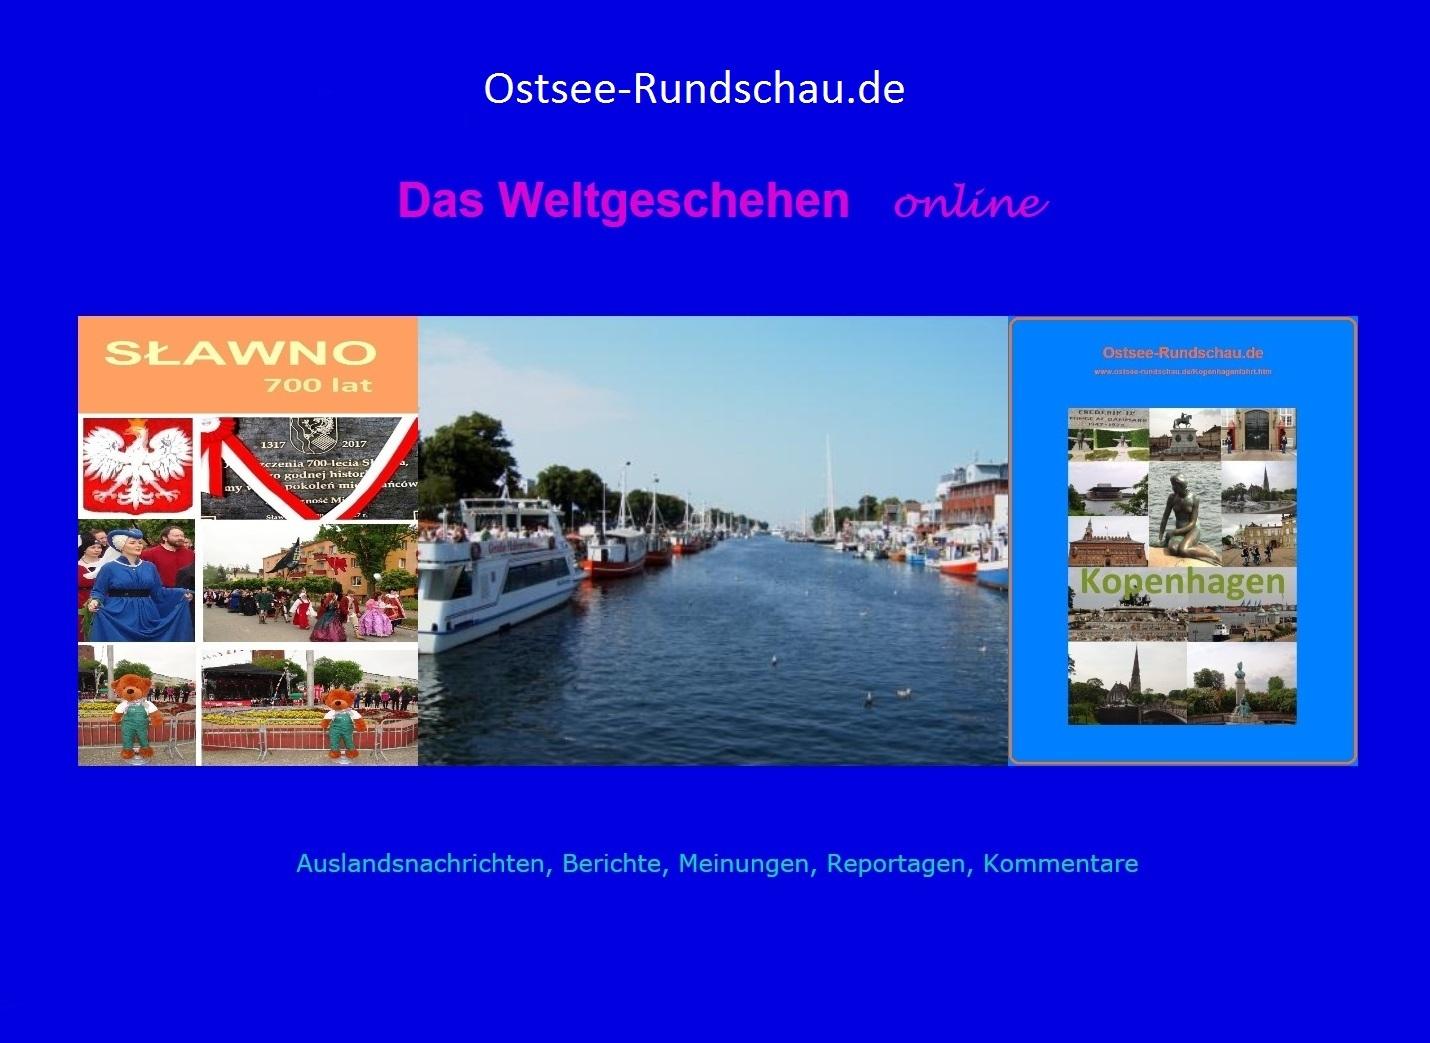 Das Weltgeschehen online der Neuen Unabhängigen Onlinezeitungen (NUOZ) auf Ostsee-Rundschau.de